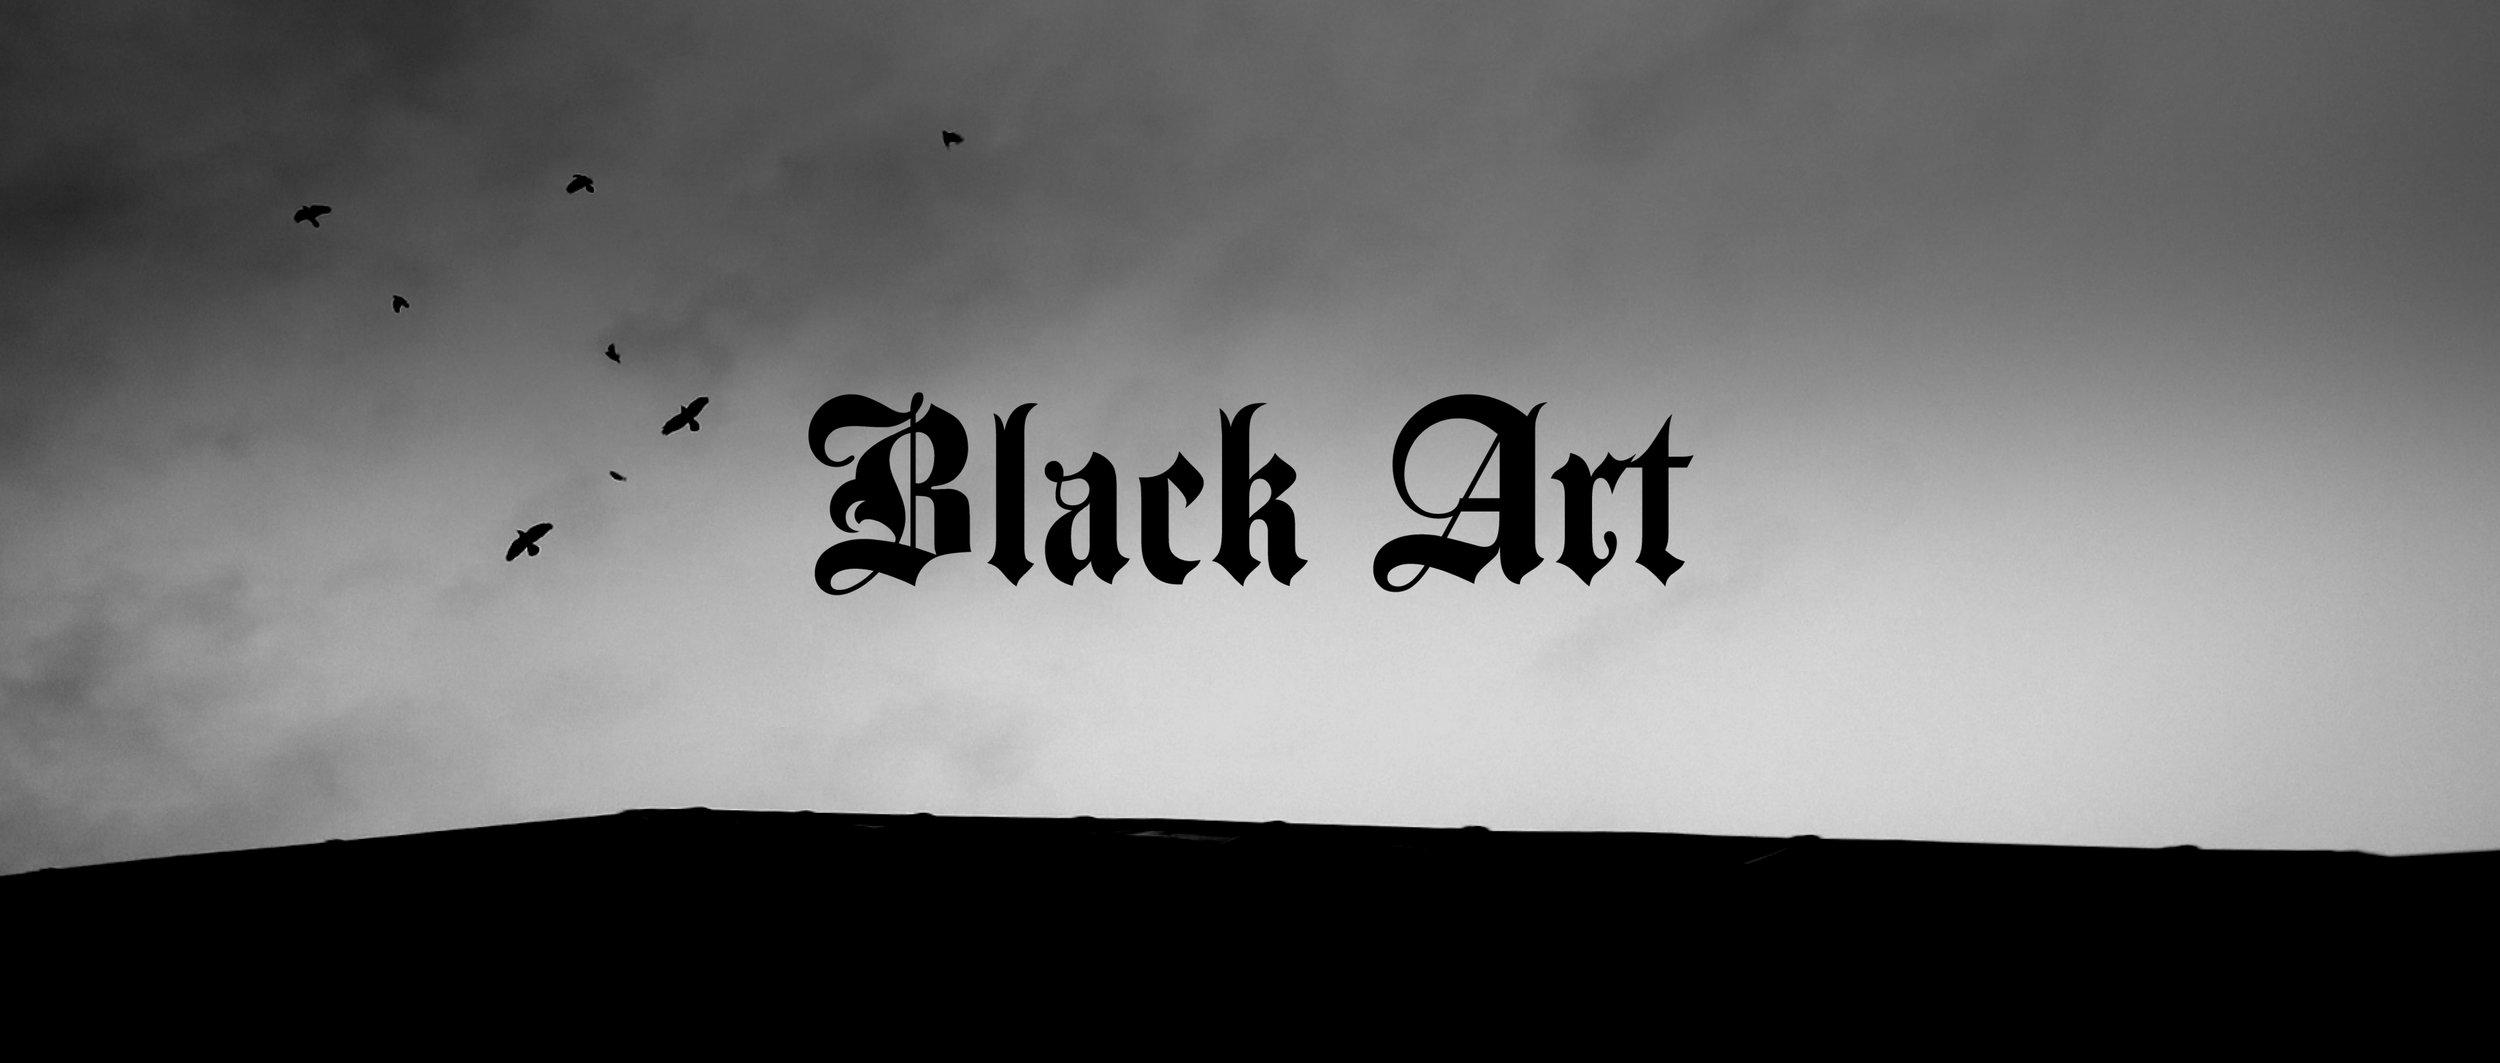 Black Art - a film for Bruichladdich